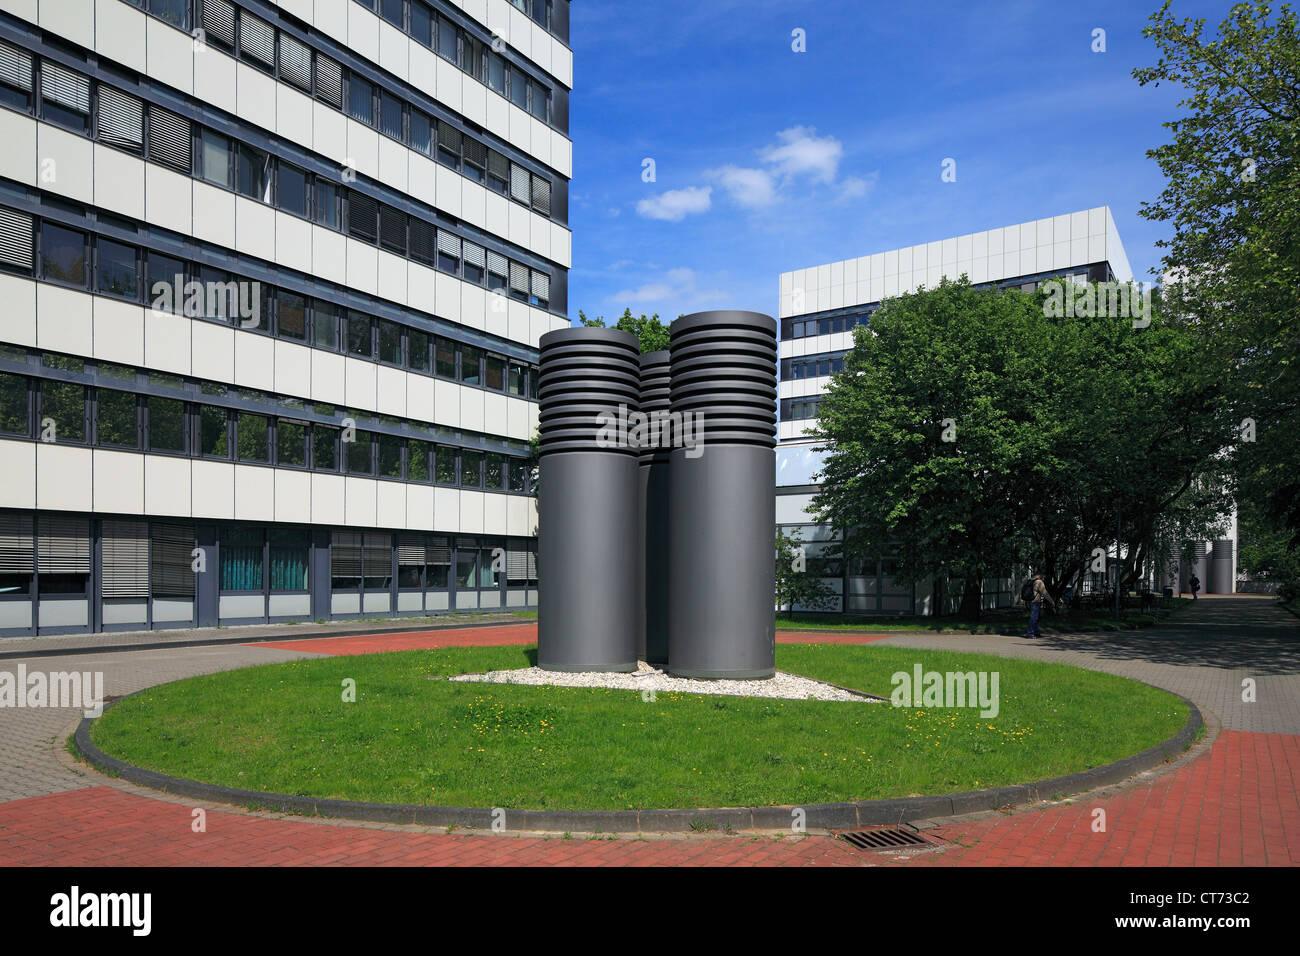 Technische Universitaet Dortmund, Fachbereich Biologie und Chemieingenieurwesen, Dortmund, Ruhrgebiet, Nordrhein - Stock Image